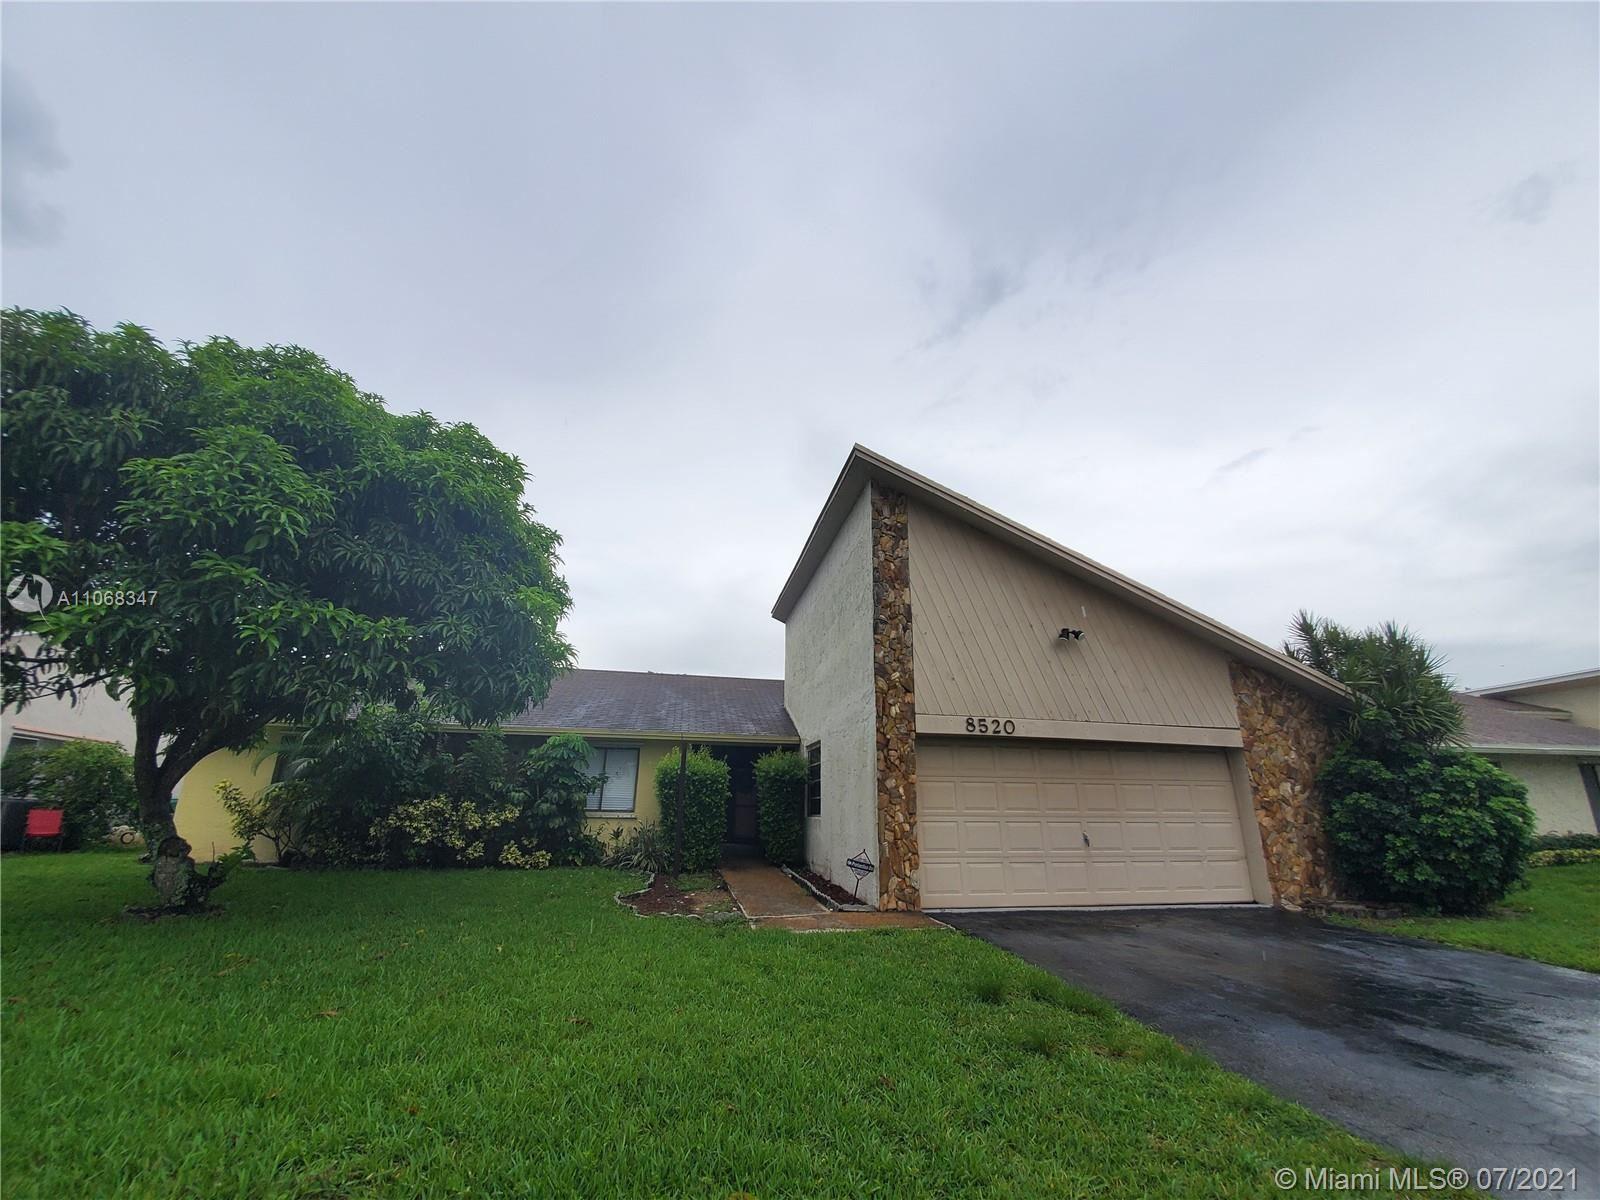 8520 NW 54th St, Lauderhill, FL 33351 - #: A11068347